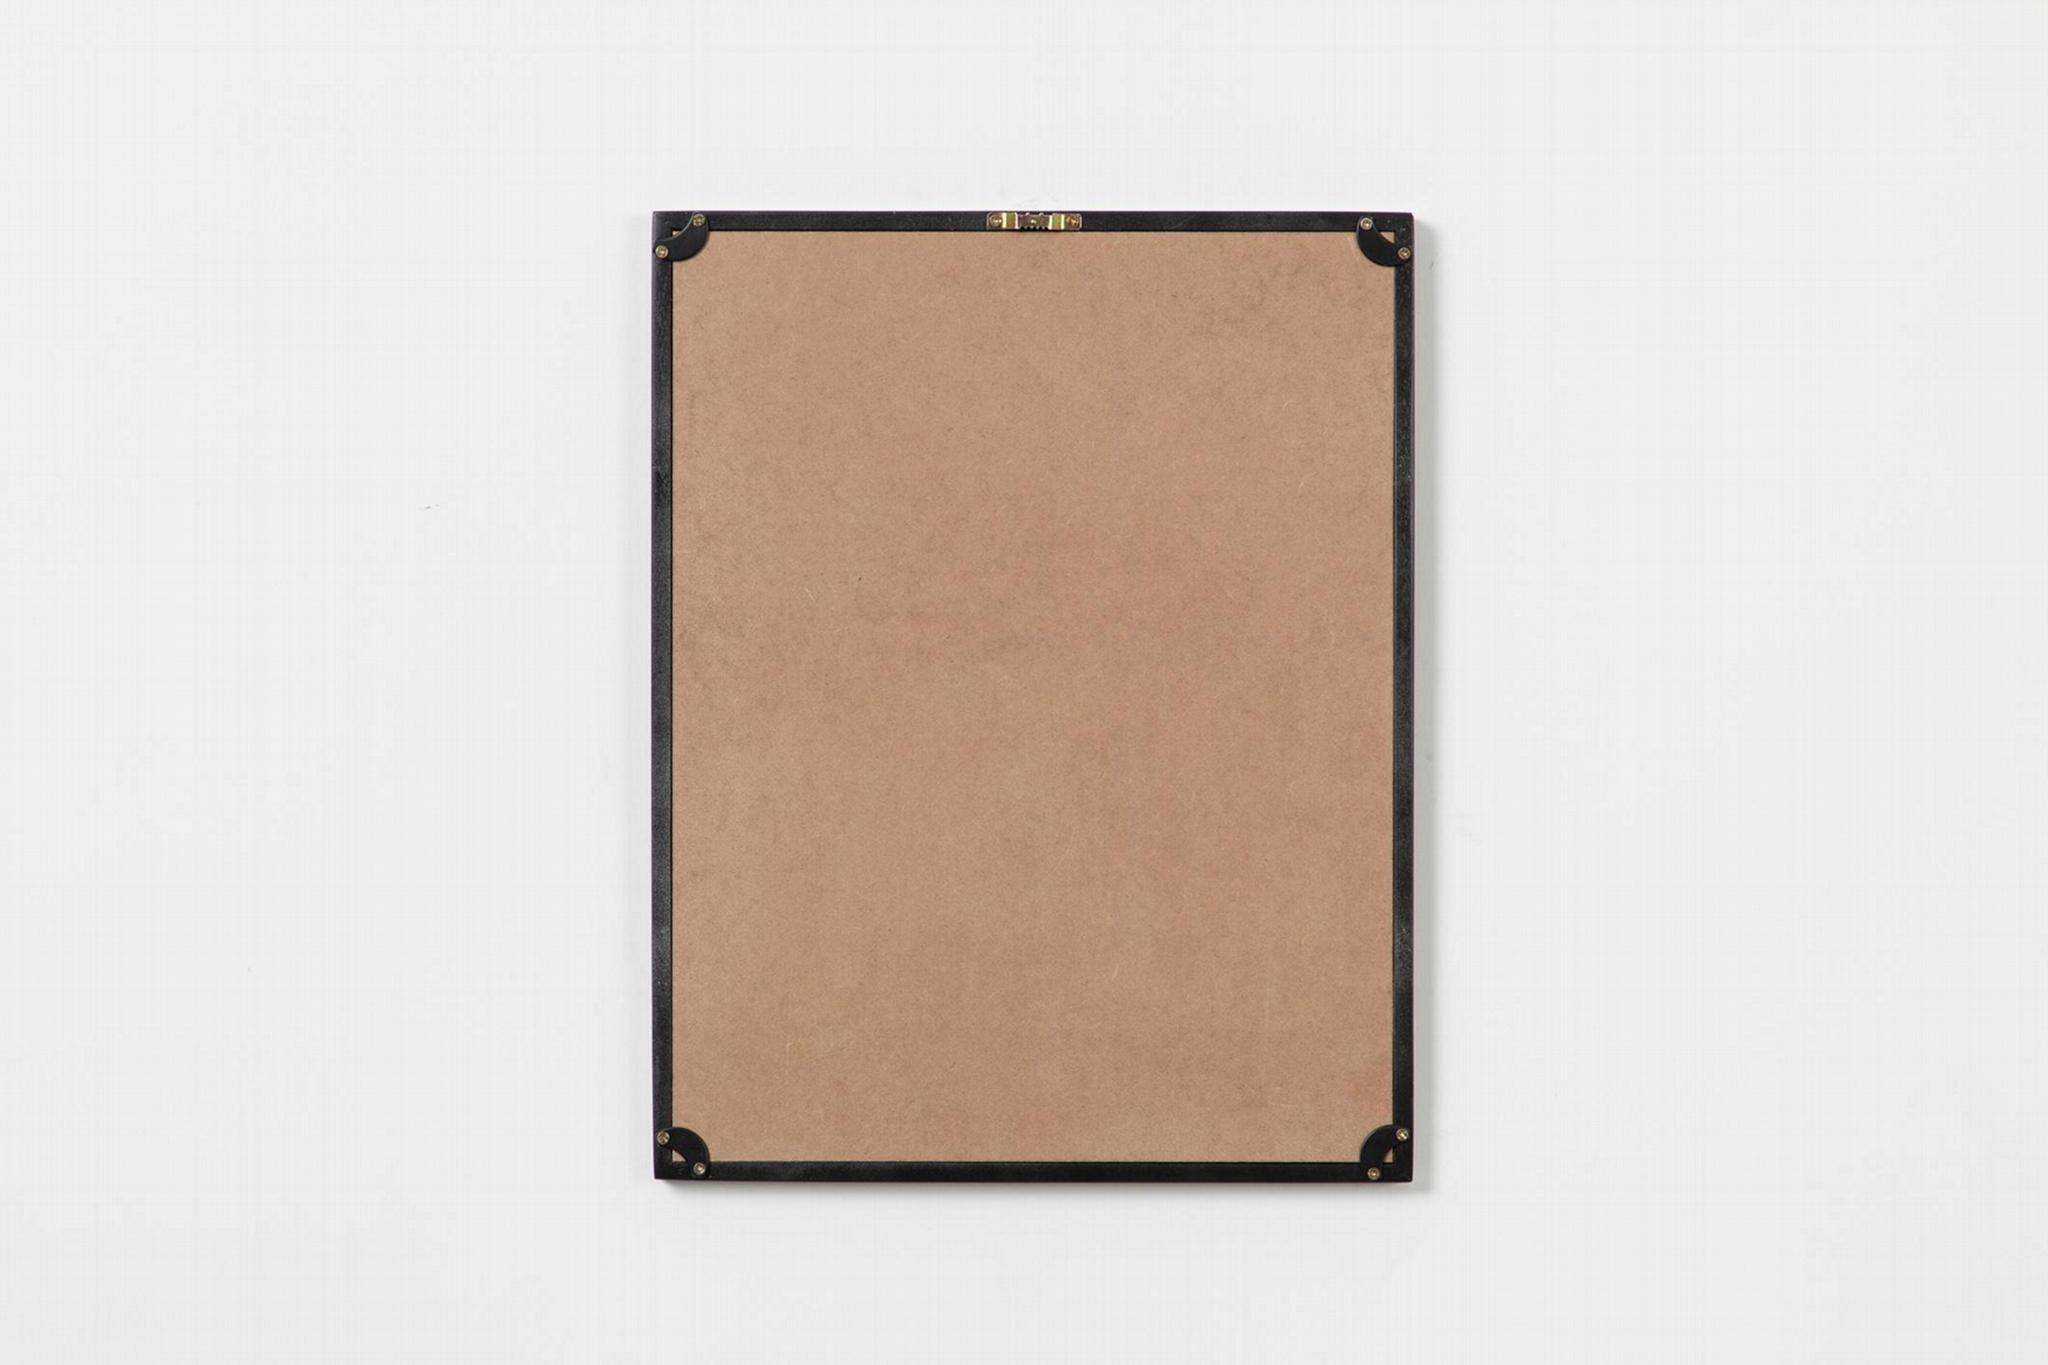 Solid wood frame 11